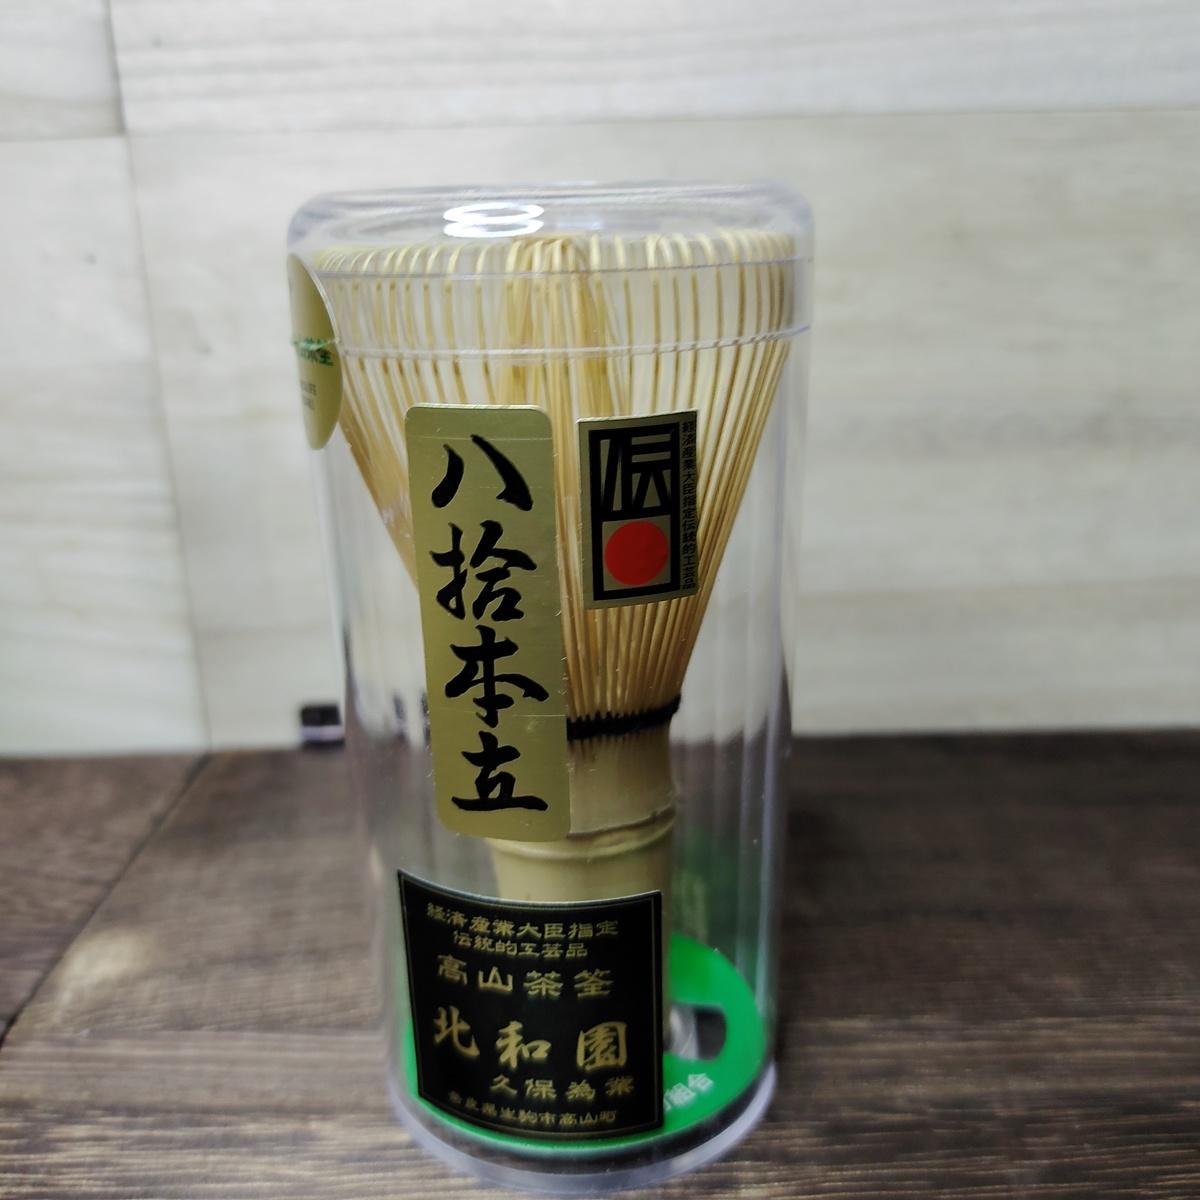 経済産業大臣指定伝統的工芸品の高山の茶筅。お稽古、茶会はもちろんご家庭用の常用として小ぶりの抹茶碗にもお使いいただけます。 茶筅 八拾本立 国産 高山茶筅 北和園 経済産業大臣指定 伝統的工芸品 外穂径60mm 高さ110mm 竹 抹茶 日本茶 緑茶 竹製 手造り 奈良 生駒